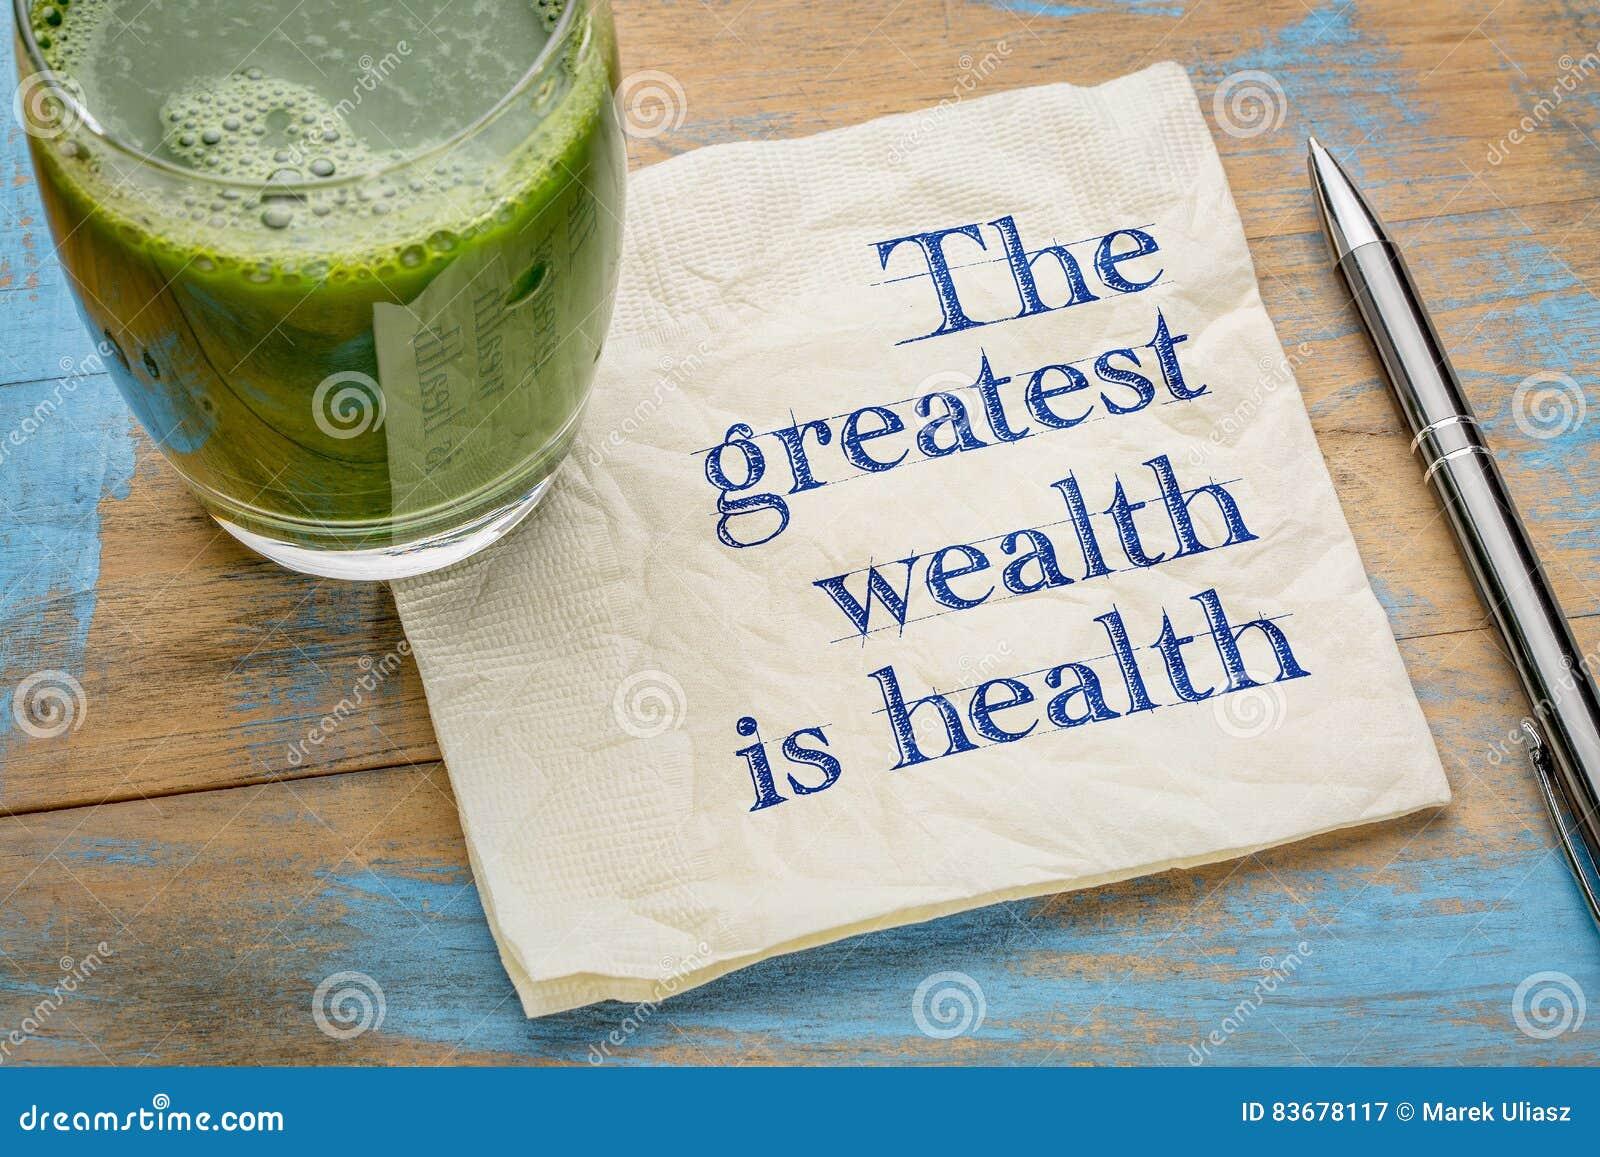 Wielki bogactwo jest zdrowiem